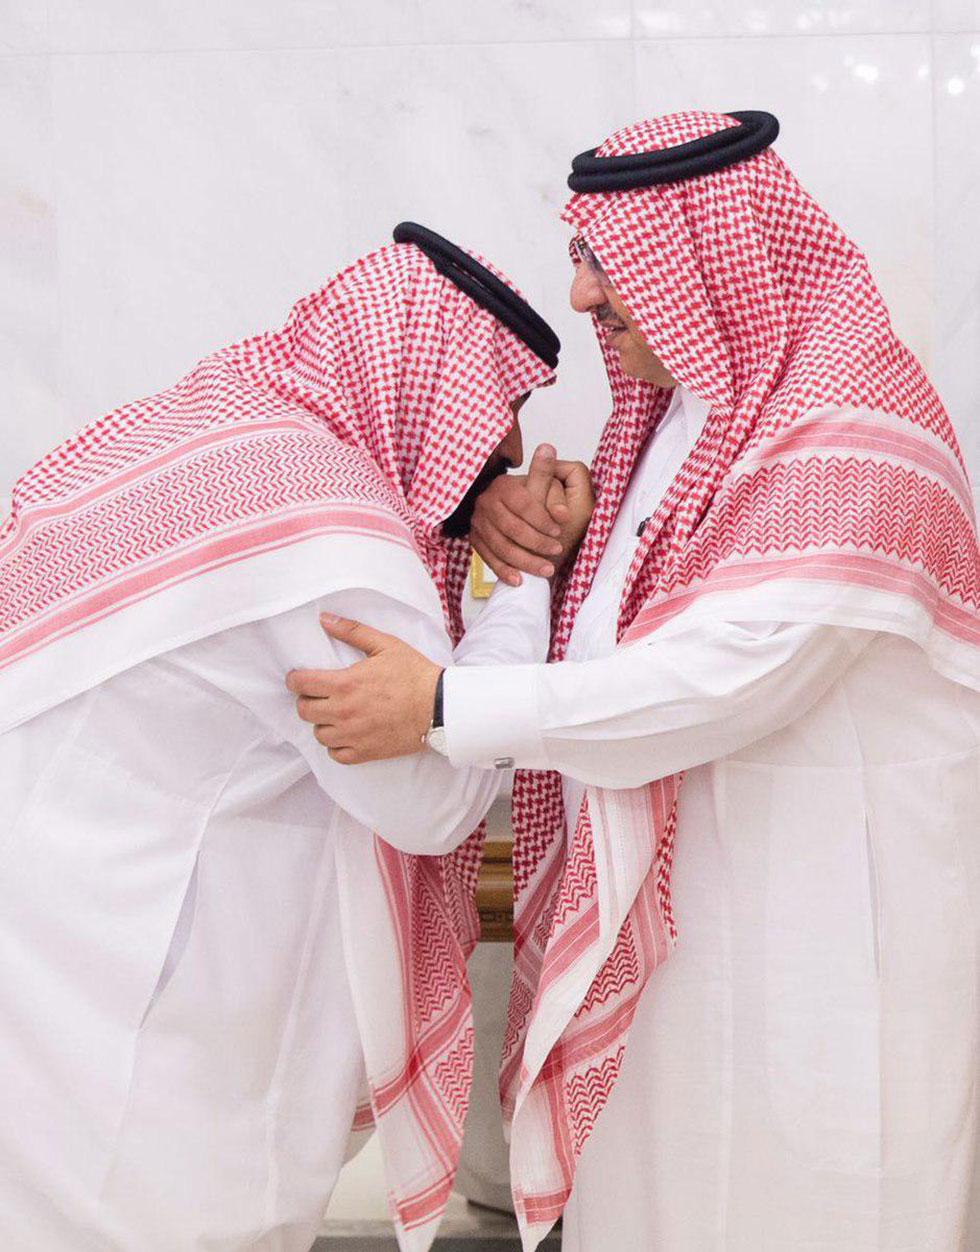 מוחמד בן סלמאן מנשק את ידו של מוחמד בן נאיף לאחר ההודעה על ההדחה והמינוי ()